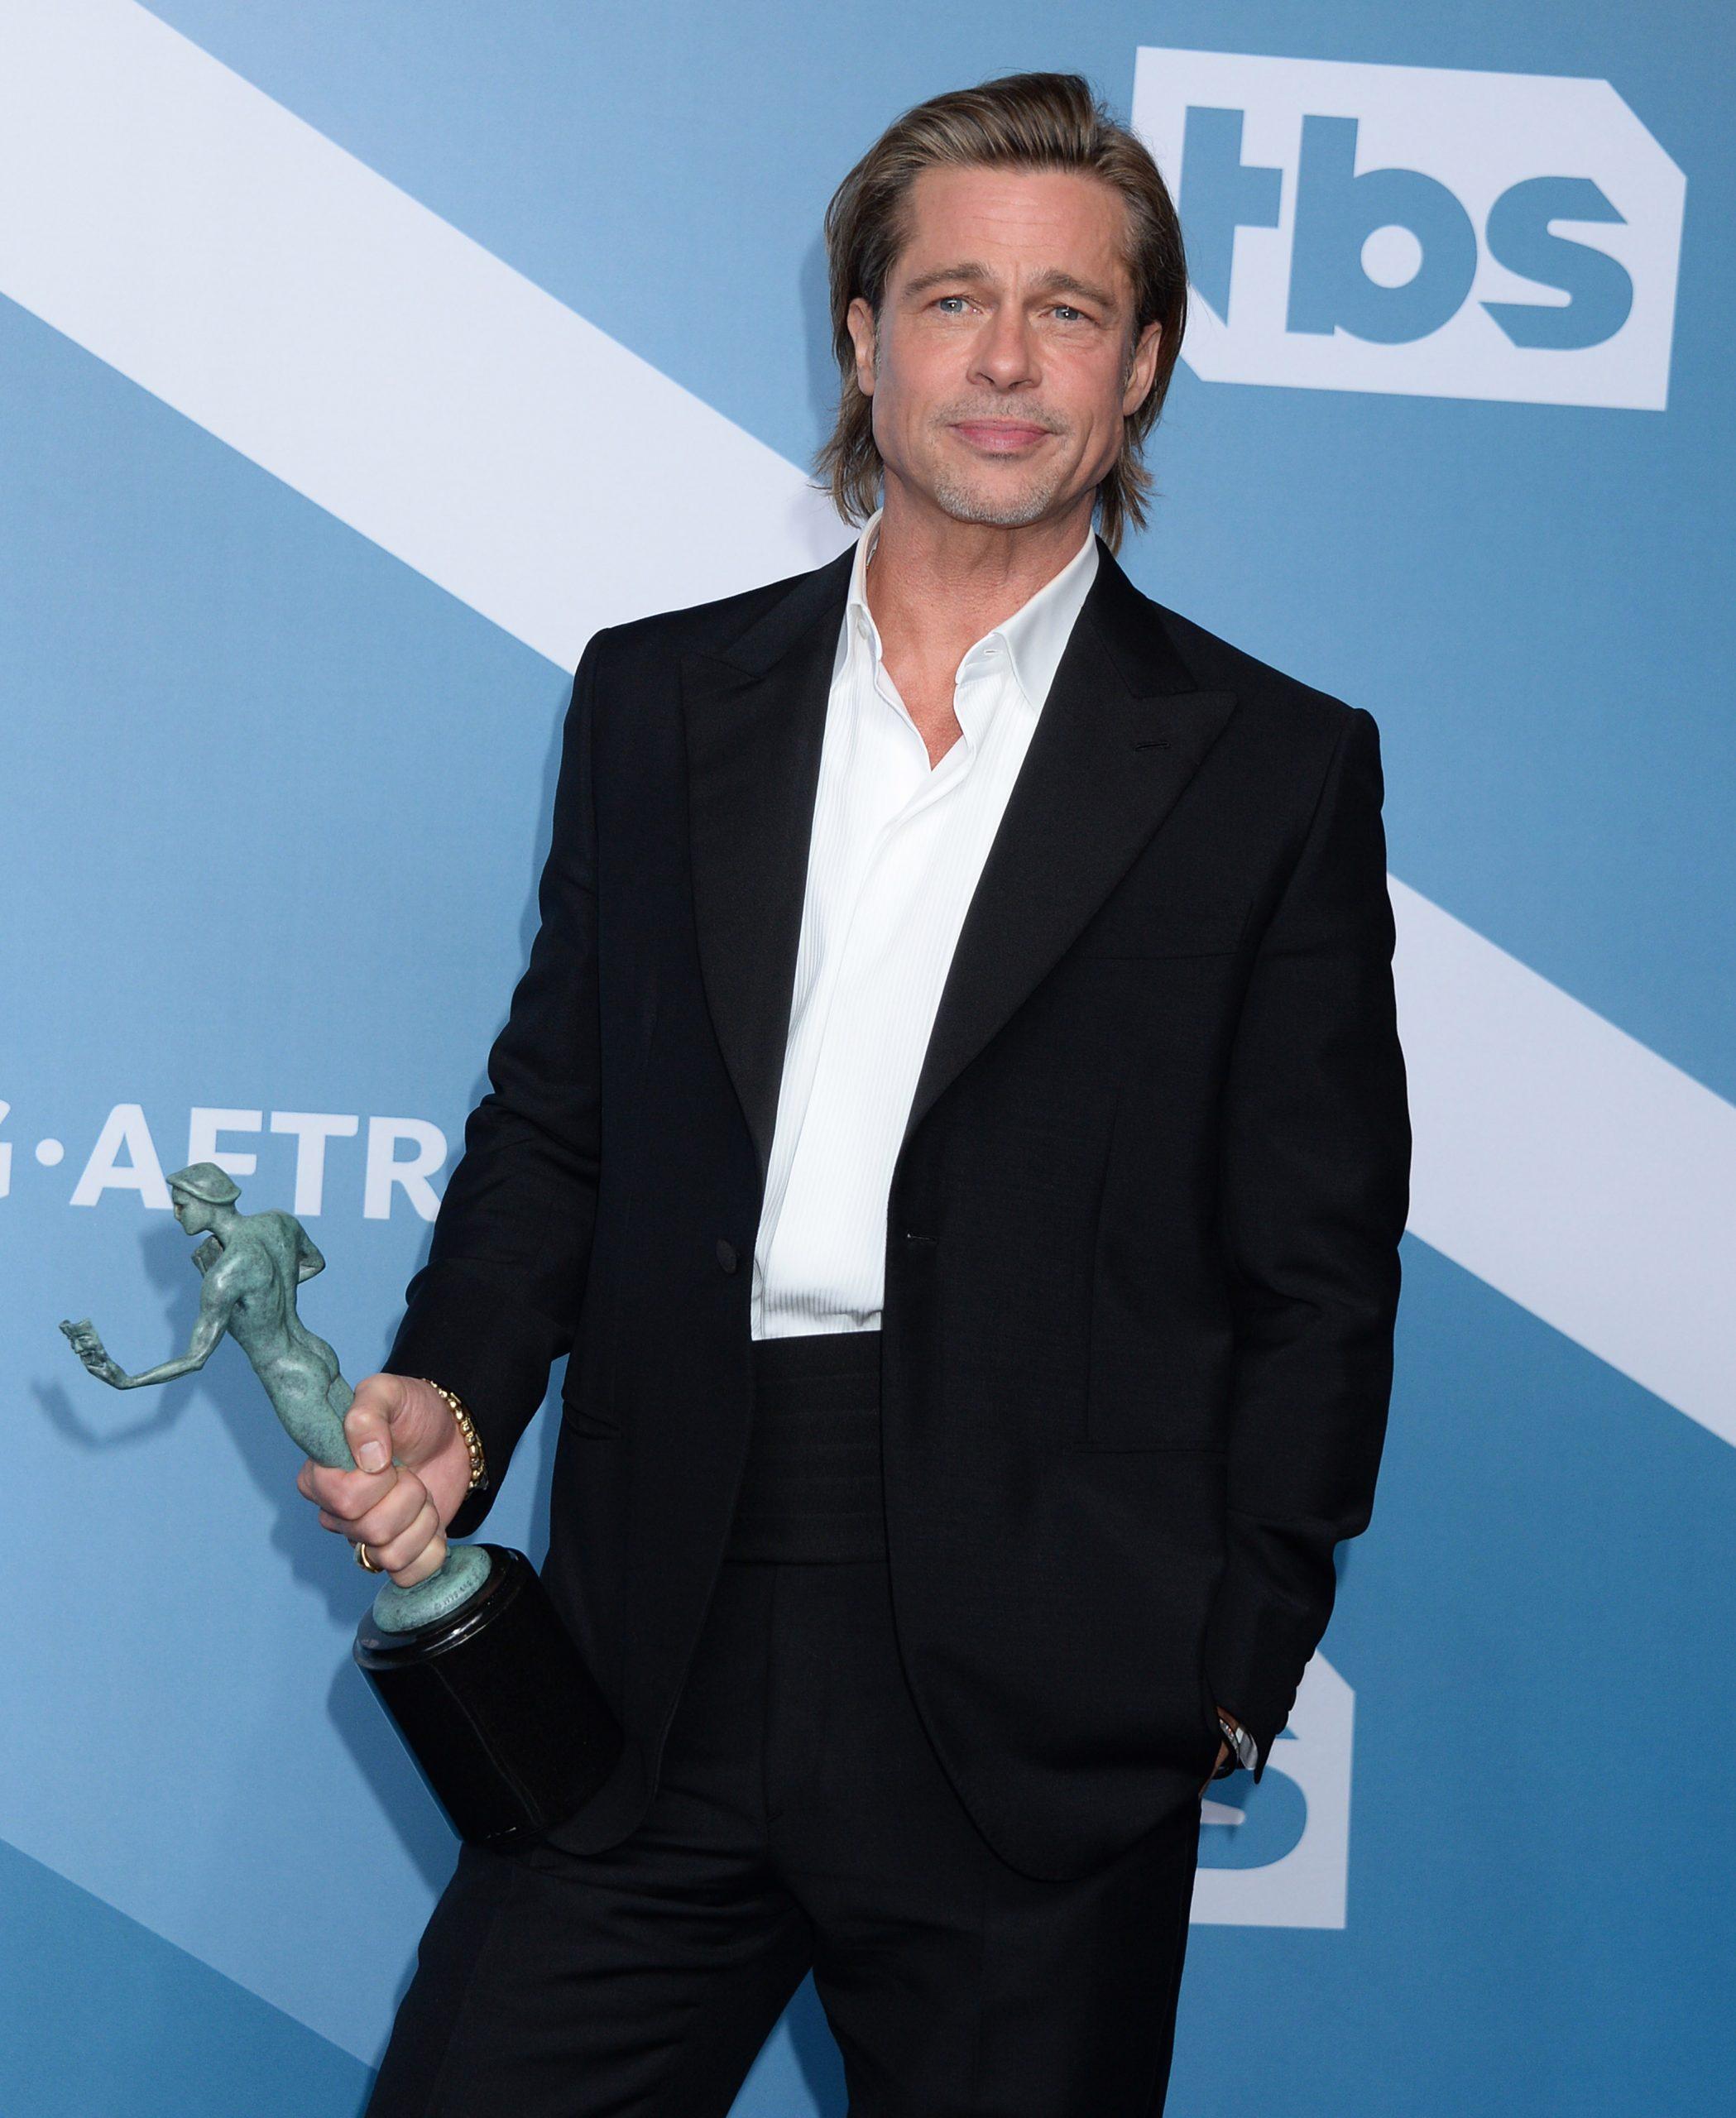 Brad also won a SAG award